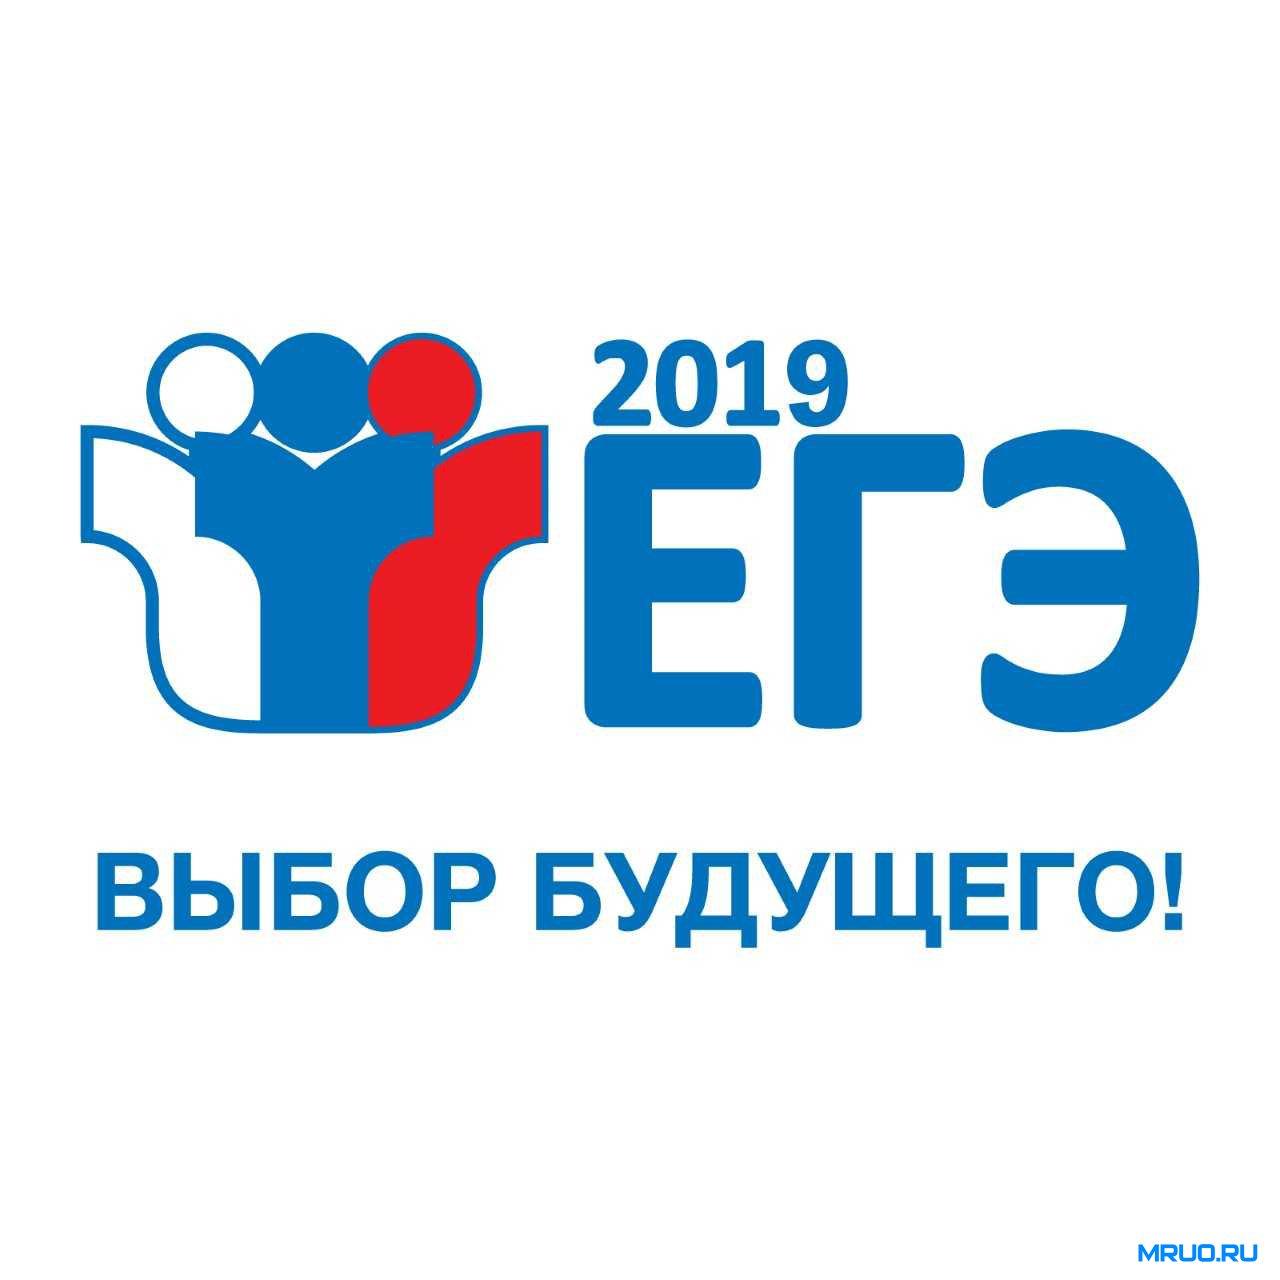 http://mruo.ru/uploads/posts/2019-01/1547779468_ege2019.jpg